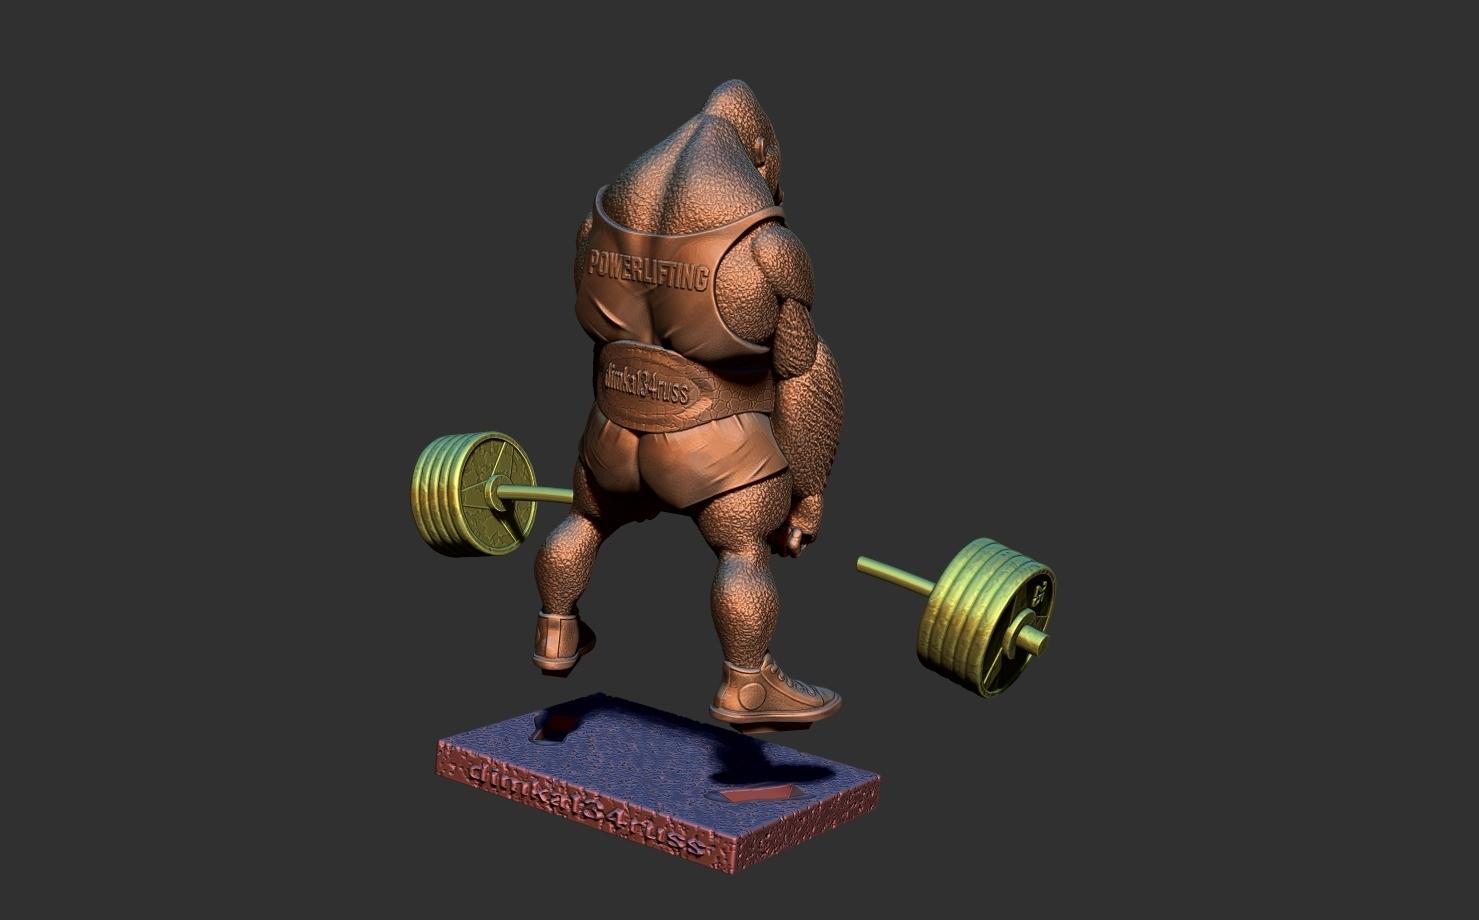 ZBrush Document9.jpg Télécharger fichier STL gorille • Objet imprimable en 3D, dimka134russ